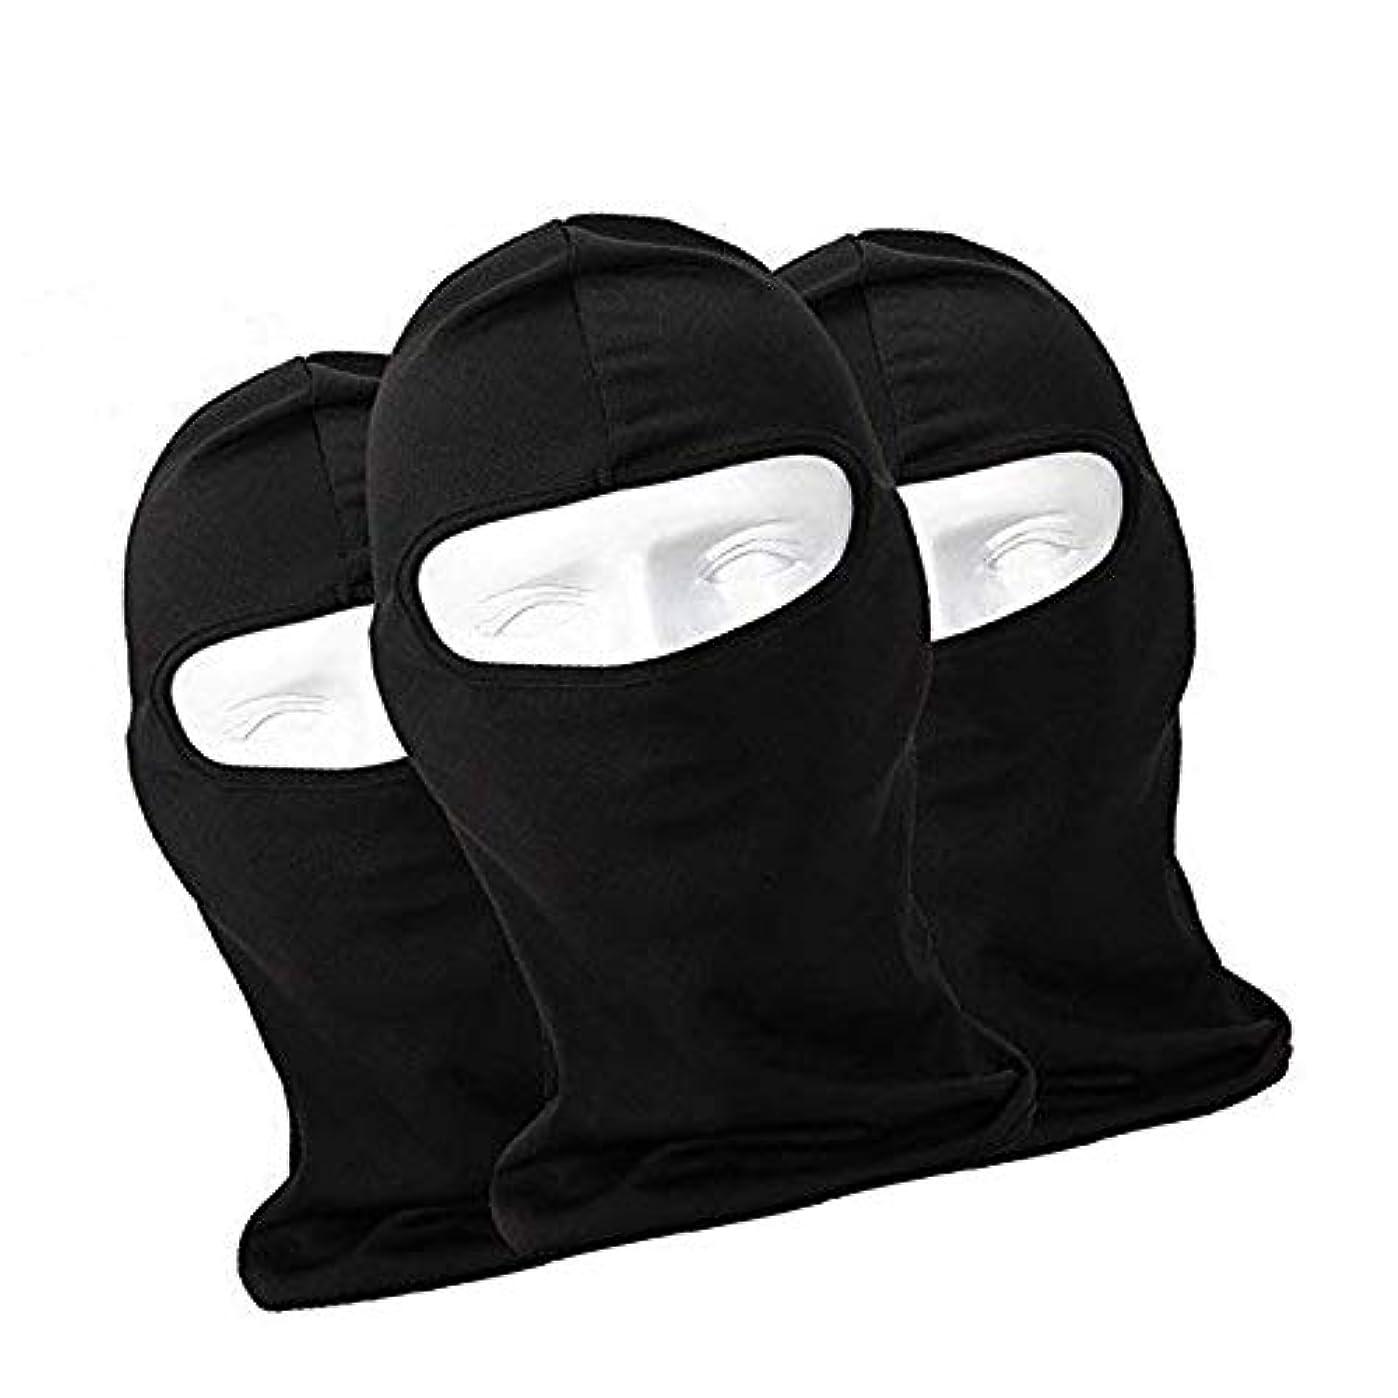 いわゆる脅威里親フェイスマスク 通気 速乾 ヘッドウェア ライクラ生地 目だし帽 バラクラバ 保温 UVカット,ブラック,3枚